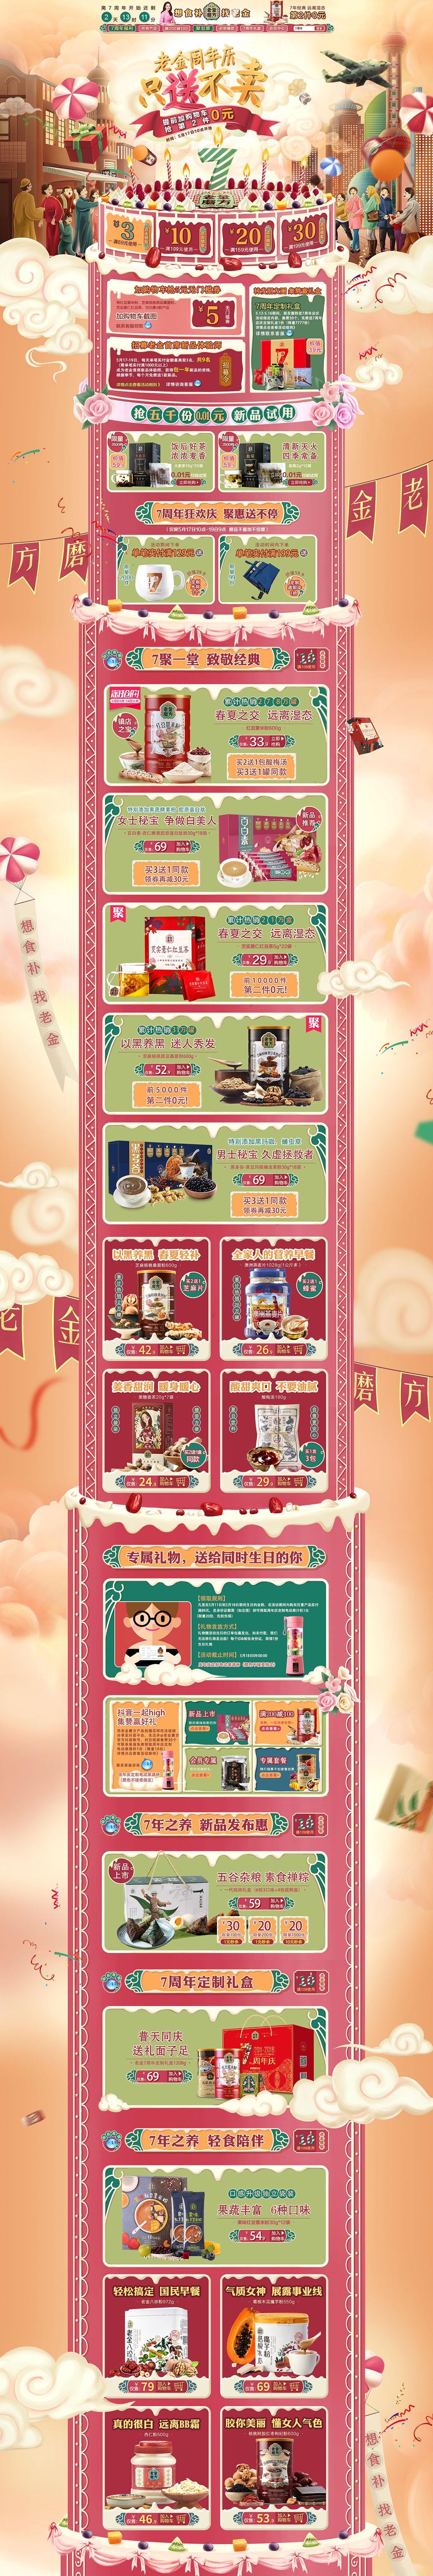 老金磨方 营养保健食品 滋补膳食 周年庆 天猫首页活动专题网页设计